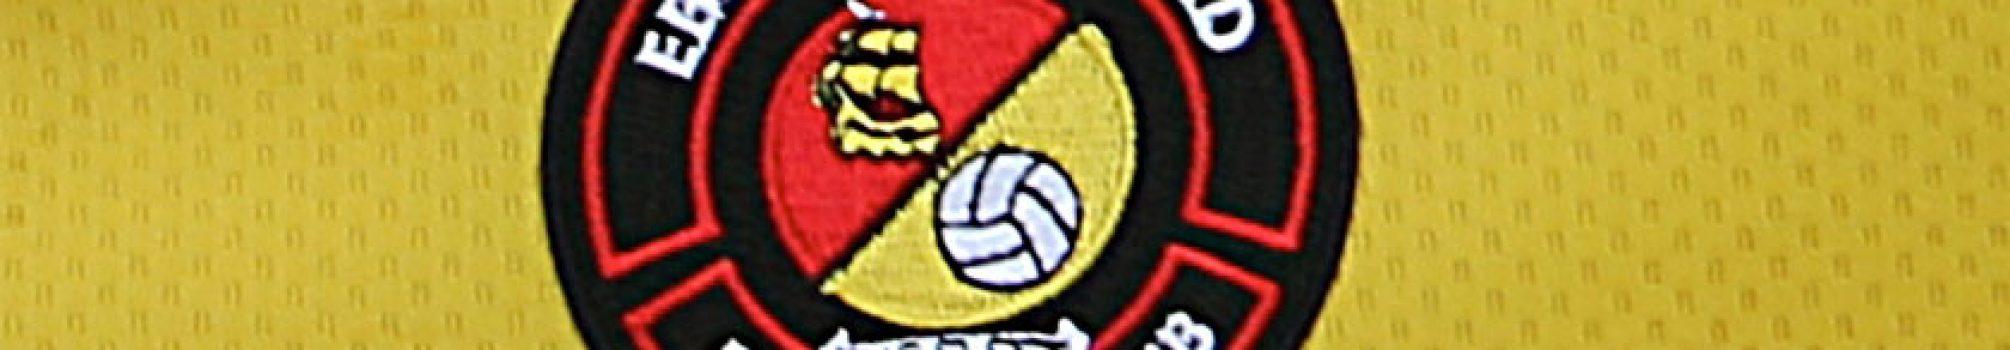 general-badge